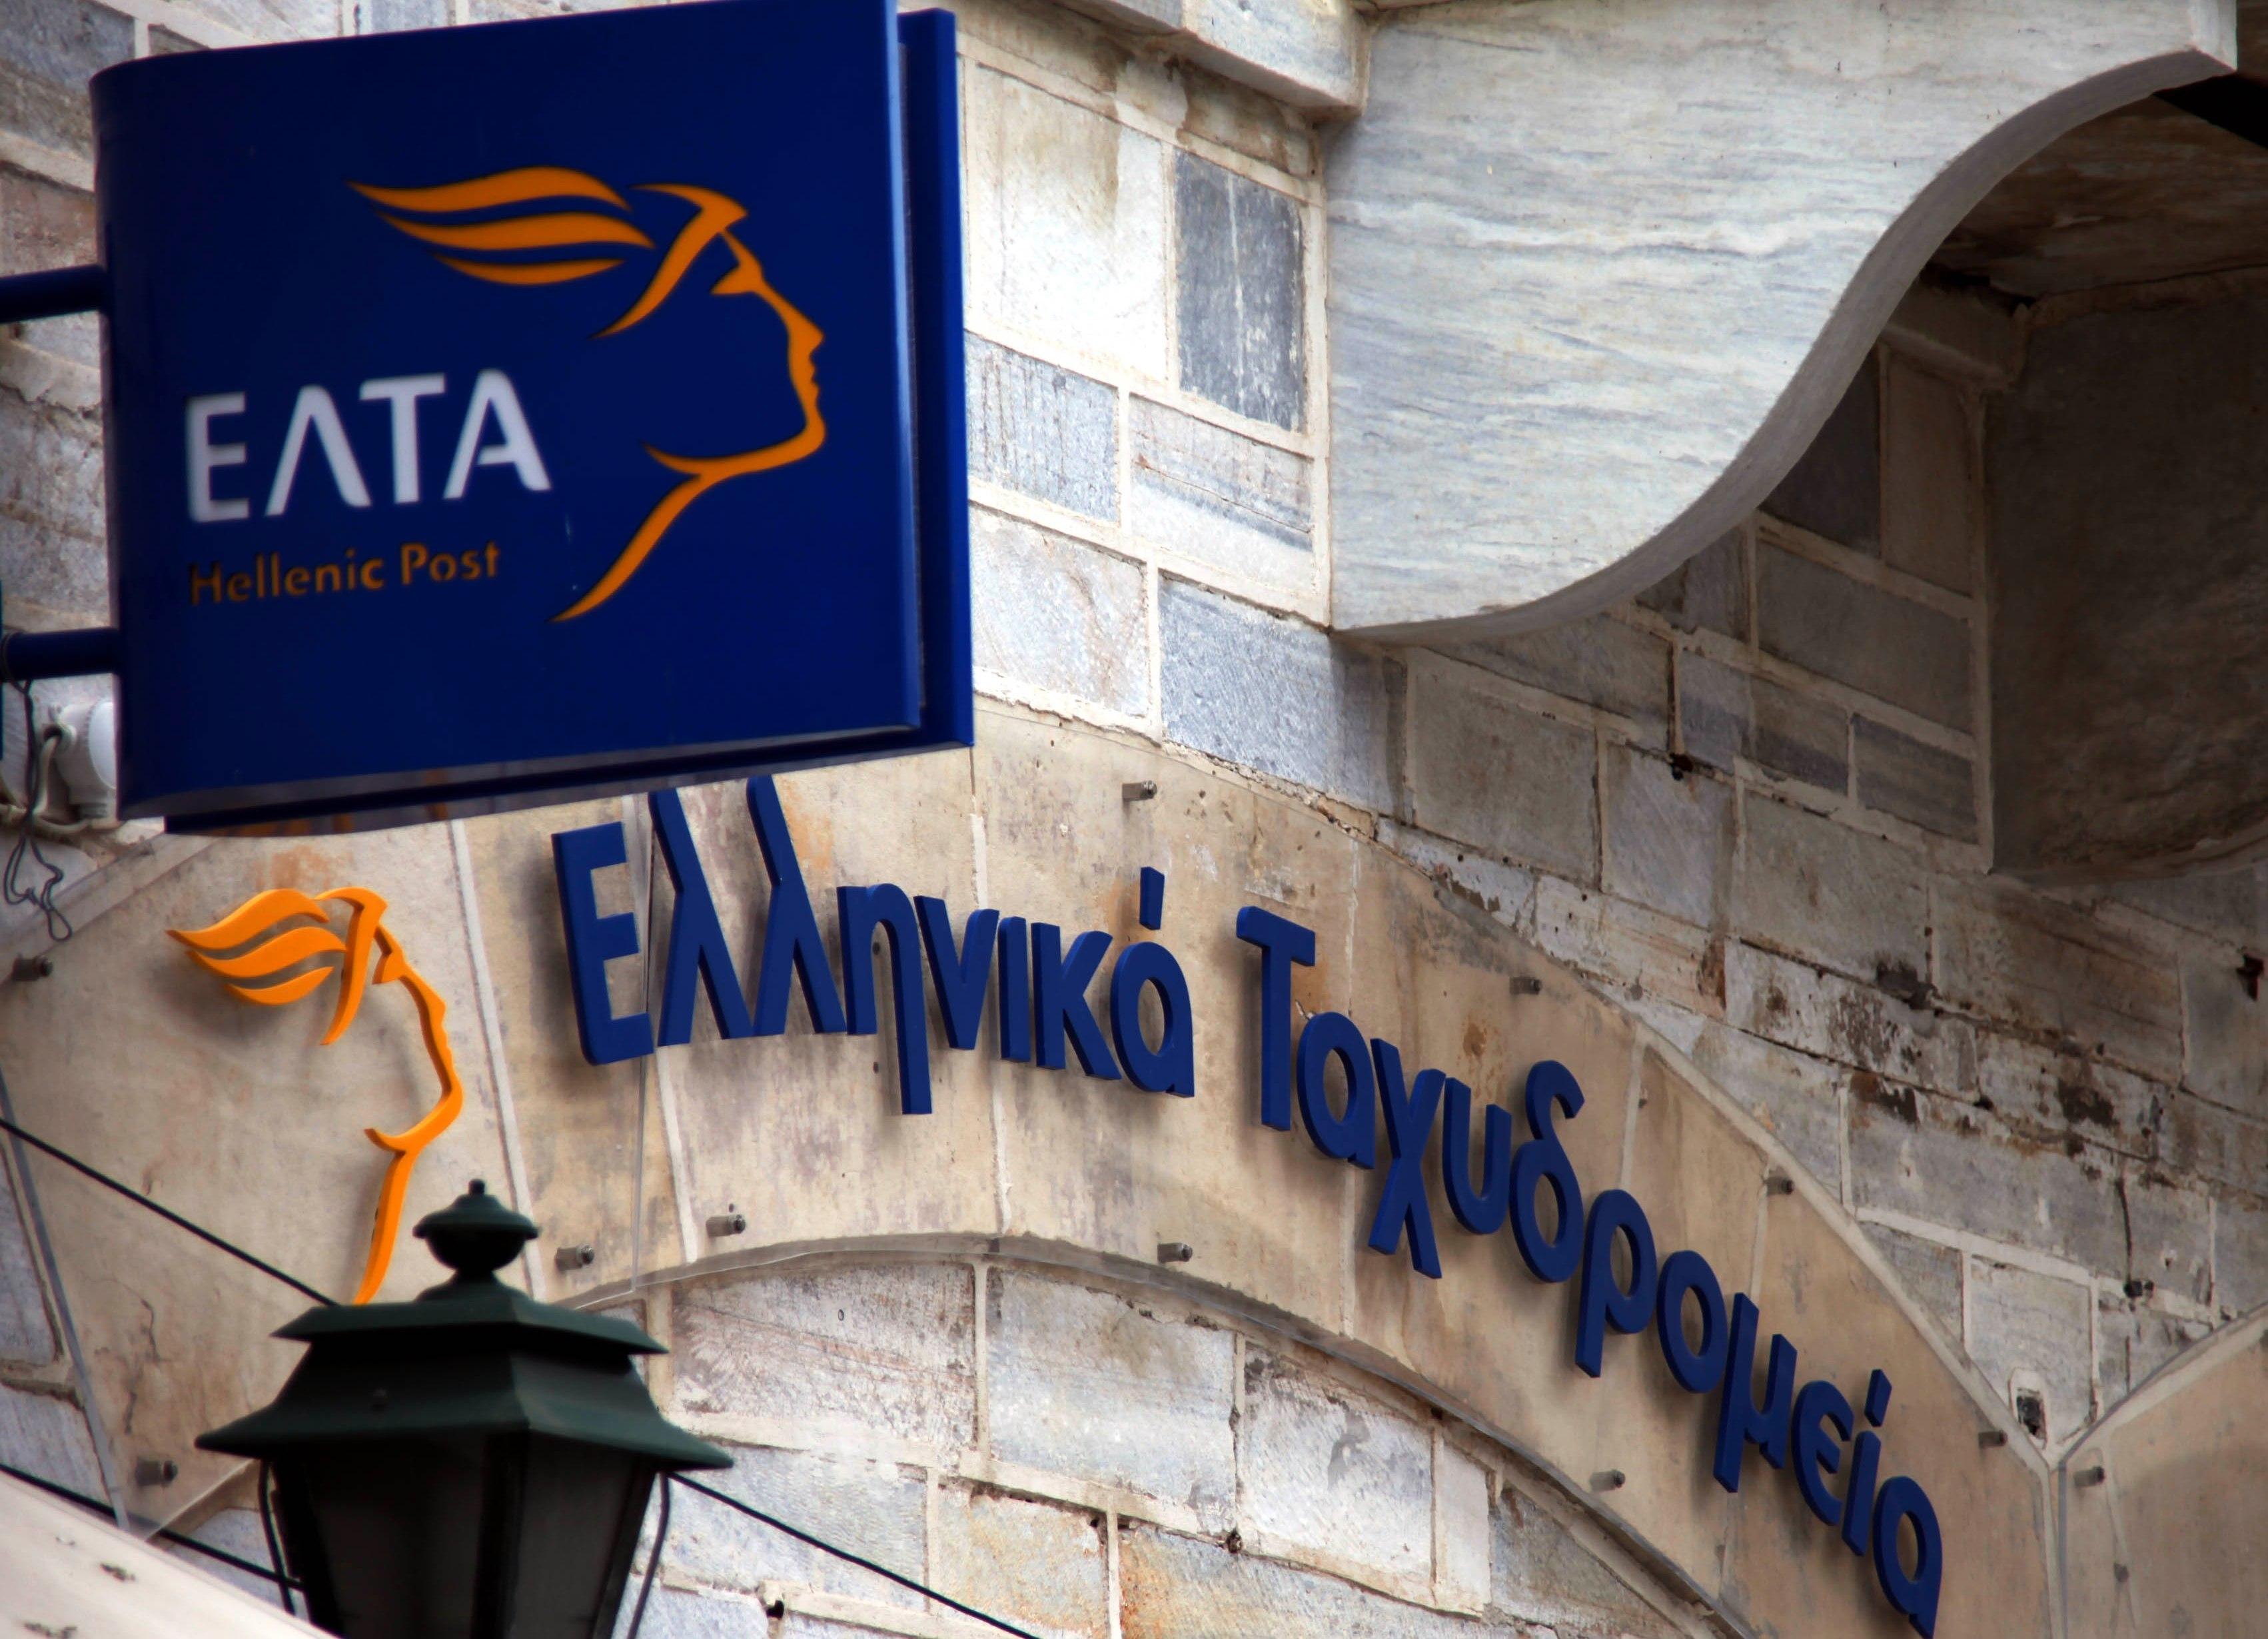 Δήμος Αλιάρτου-Θεσπιέων: Ομόφωνο ψήφισμα κατά της υποβάθμισης των ΕΛΤΑ